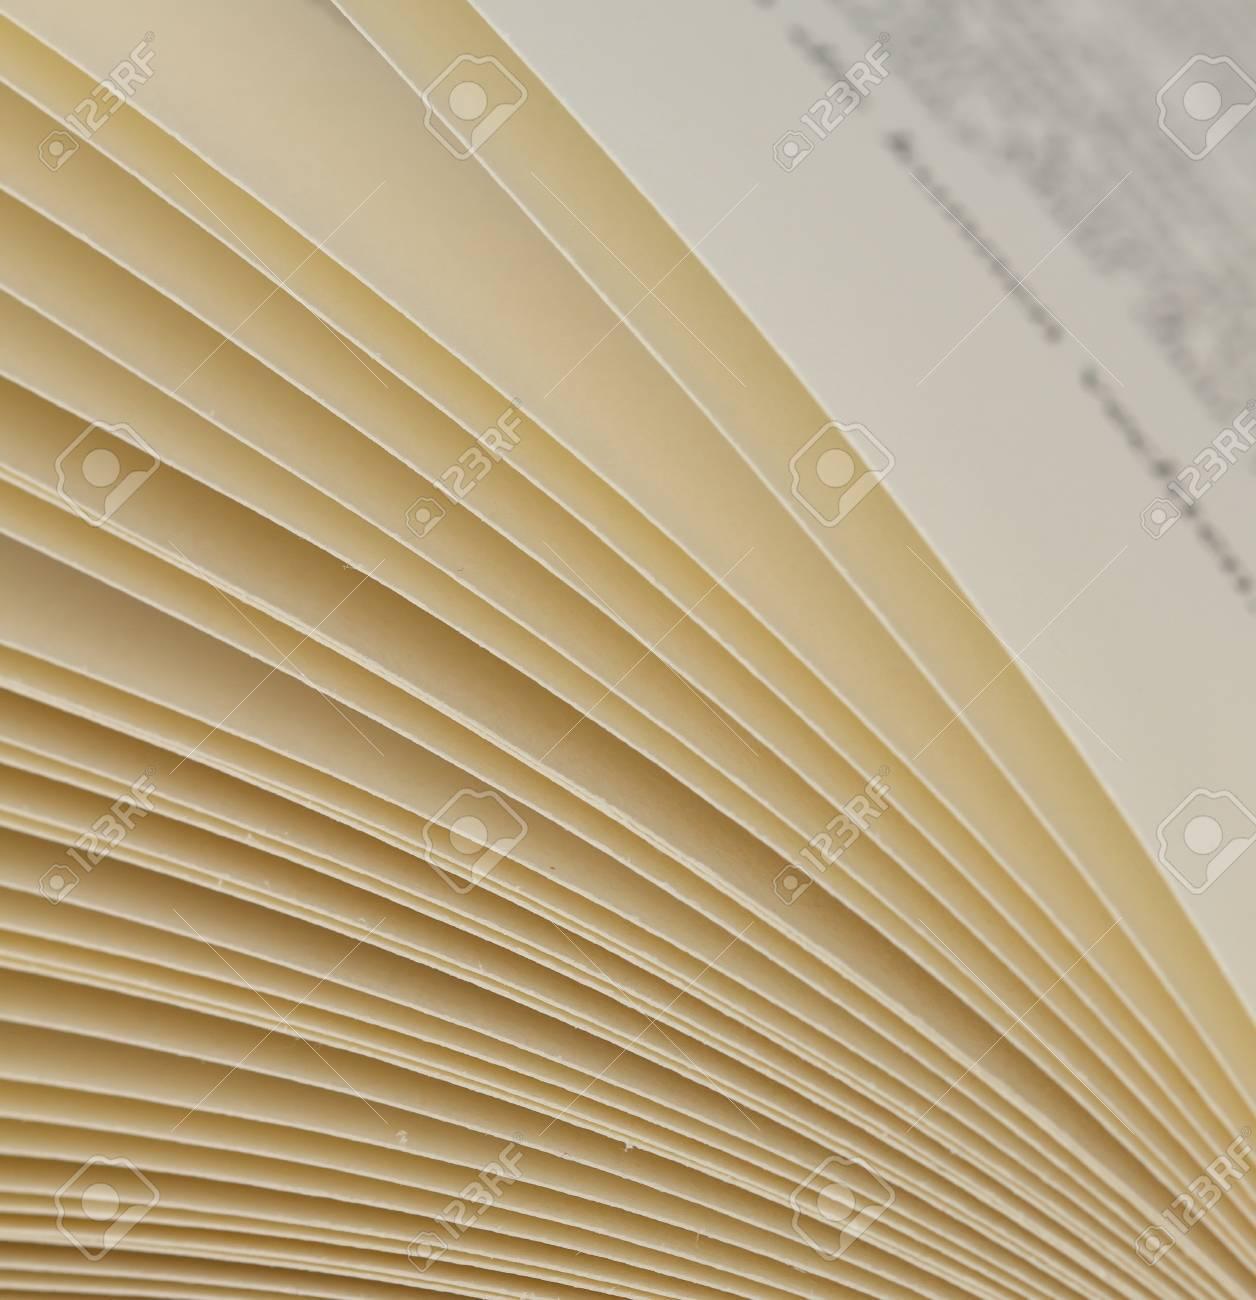 Page Livre Gros Plan Des Pages D'un Livre